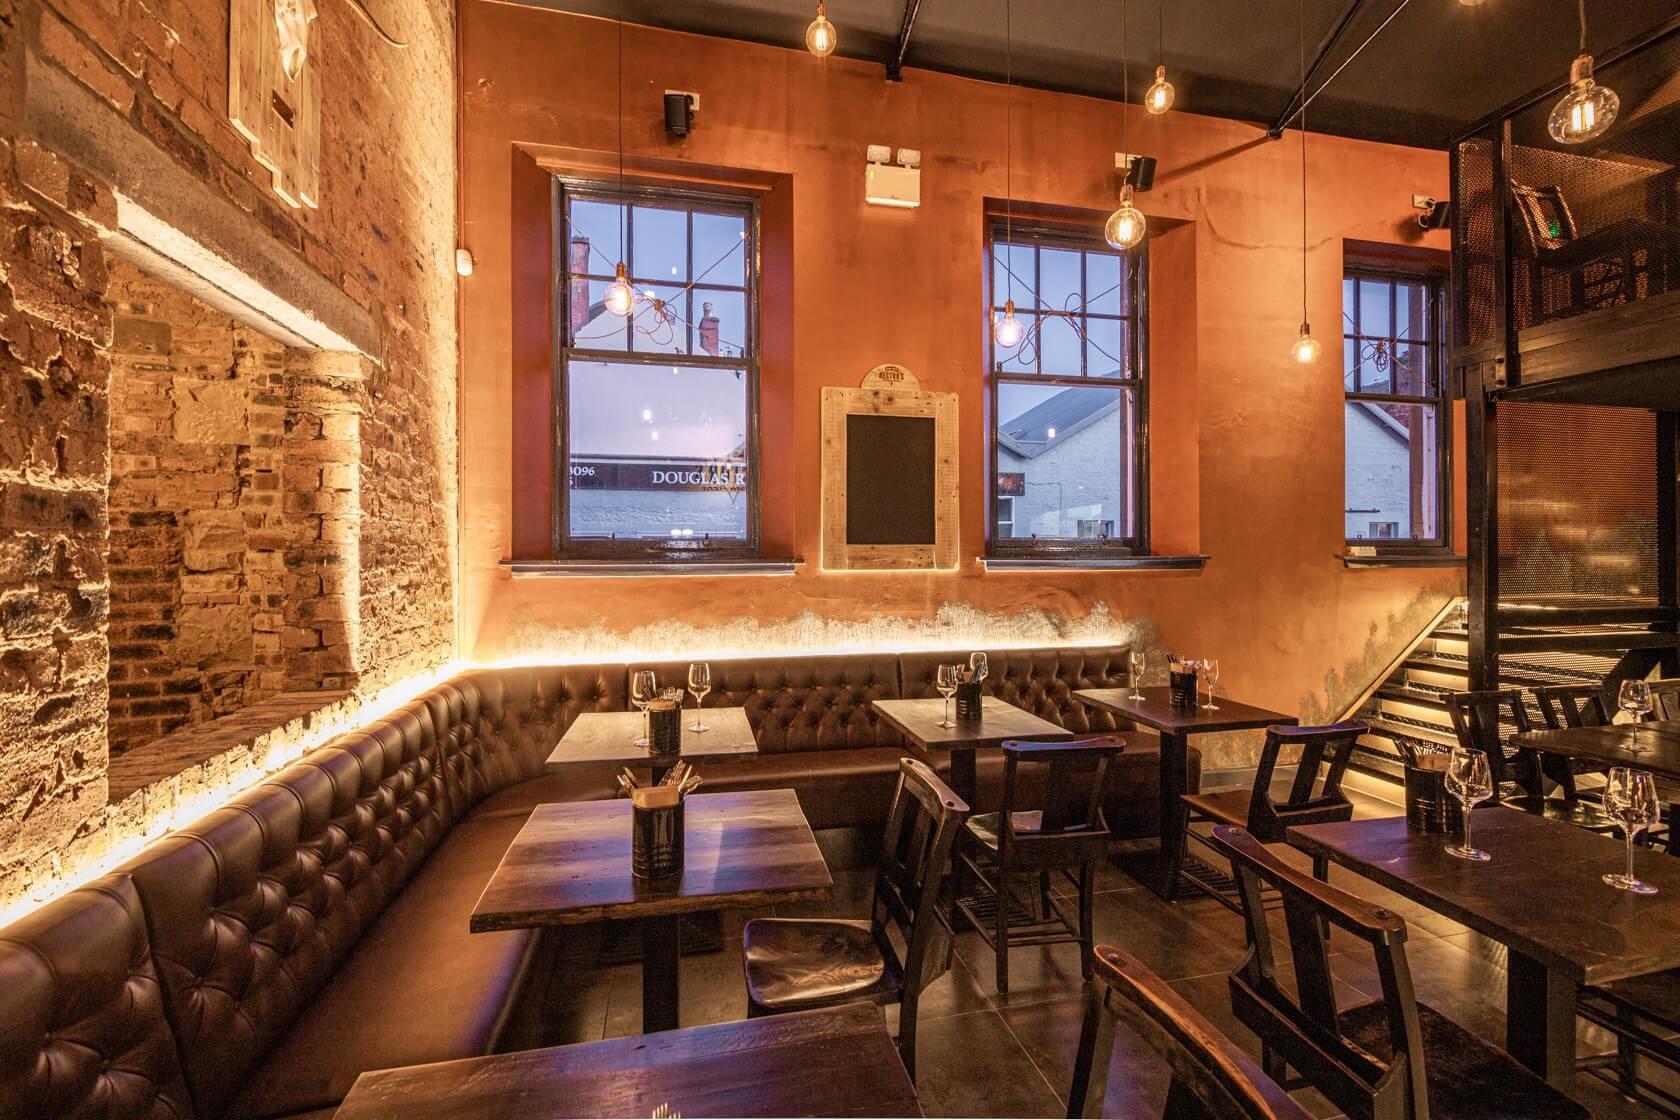 Hector's Artisan Pizza, Dunbar 10 - C&G Development